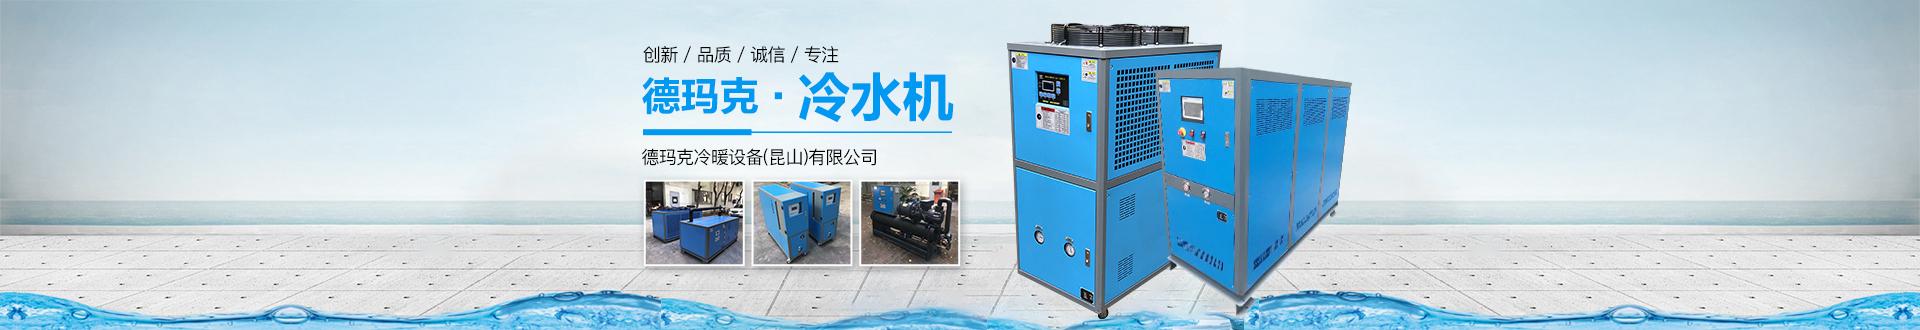 德玛克冷暖设备(昆山)有限公司